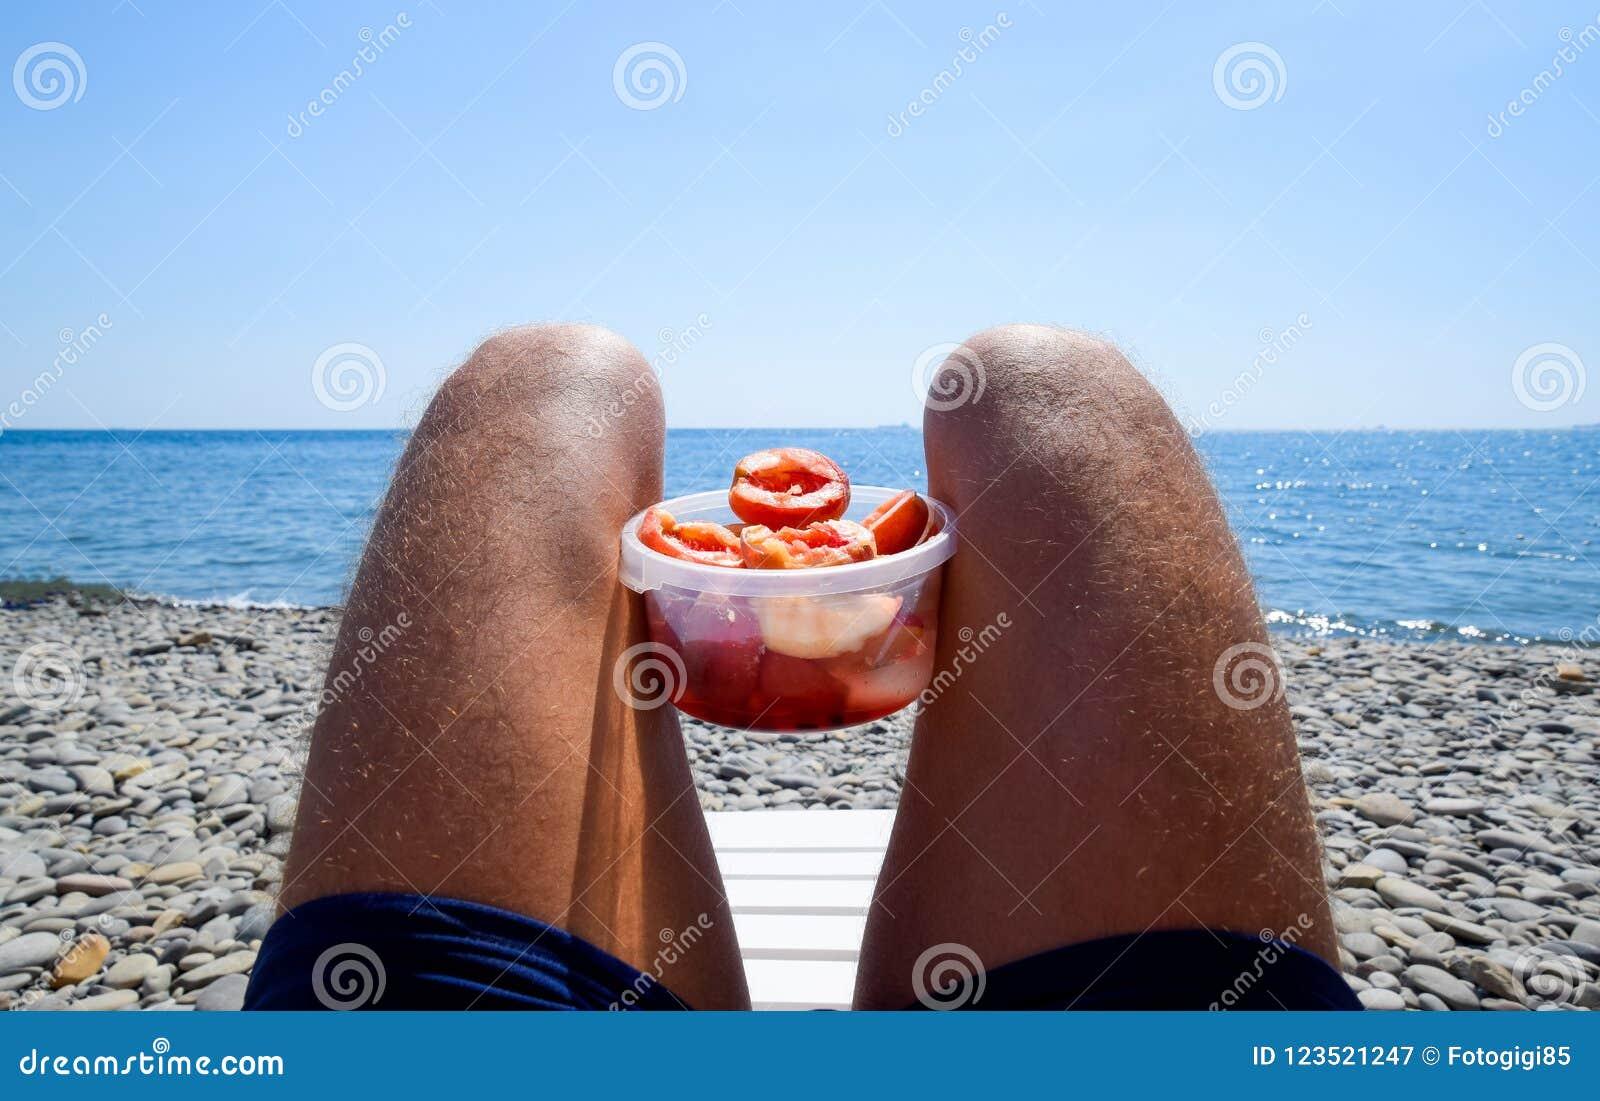 Pêches sur les genoux Pêches épluchées dans une tasse sur les jambes velues masculines Vacances de plage par la mer